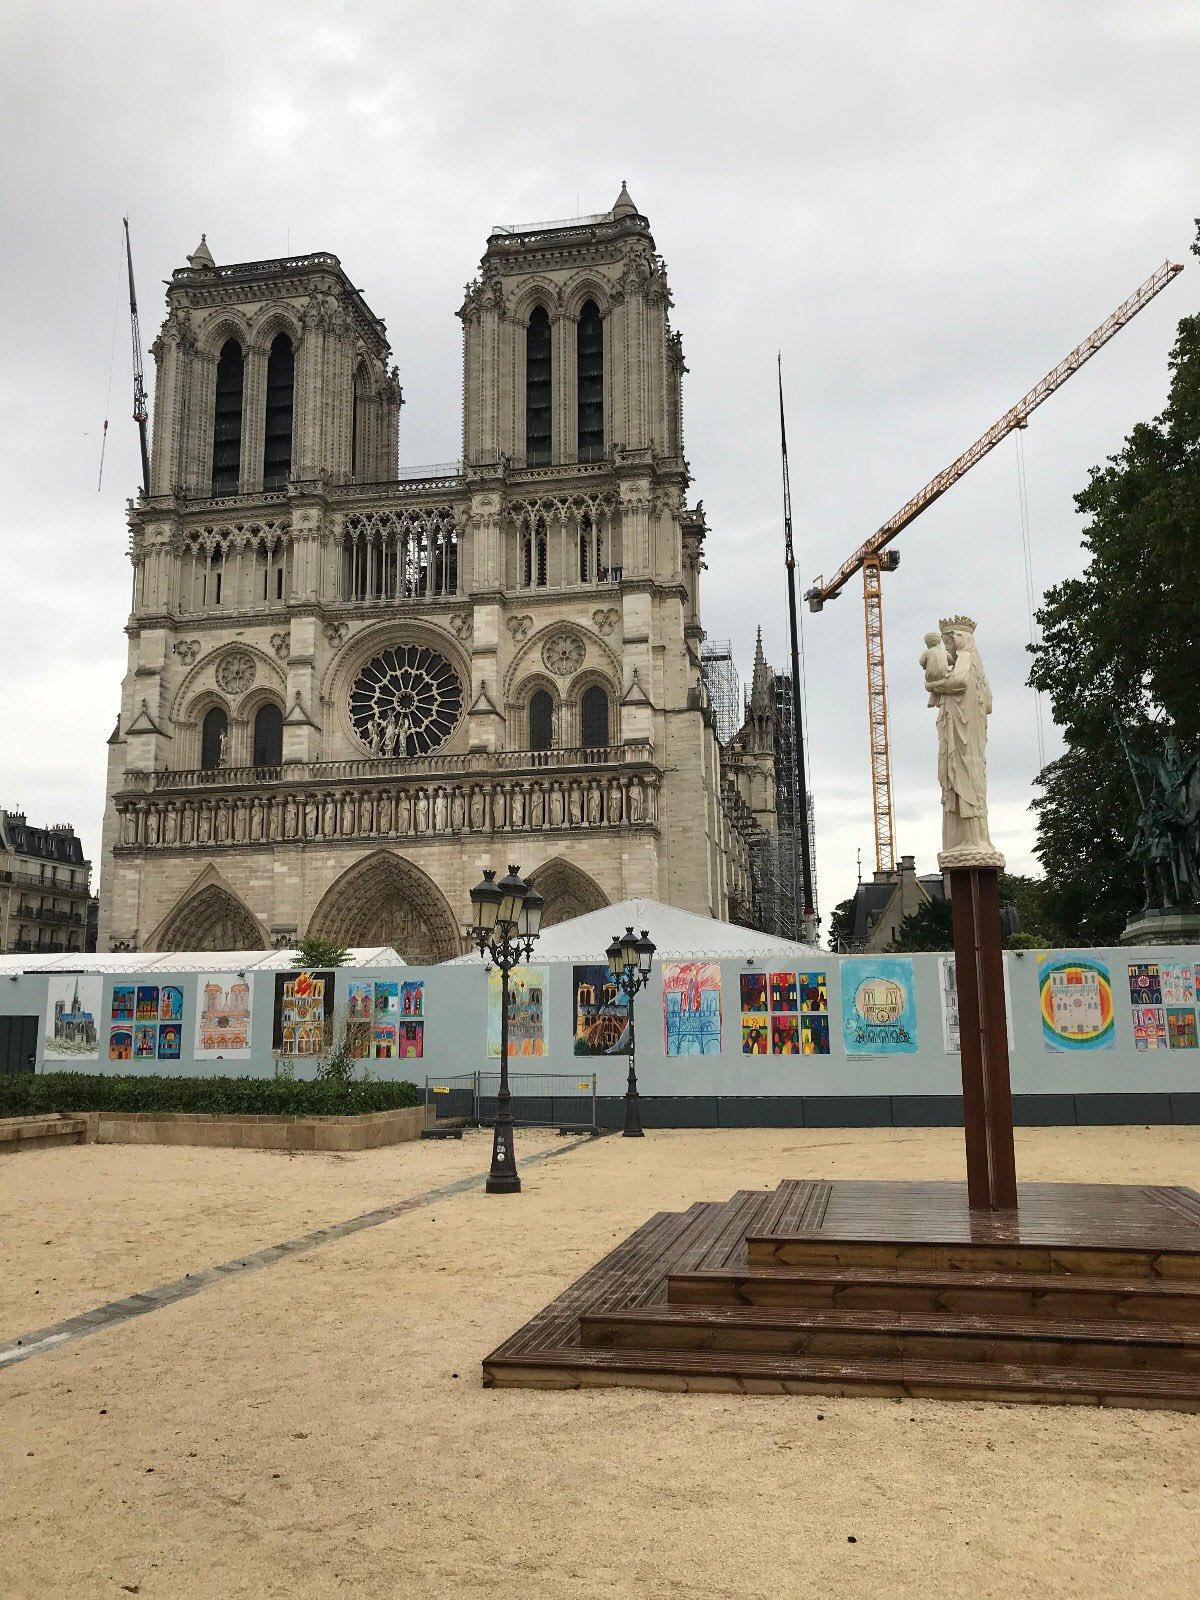 Paris: installation de la réplique de la statue de Notre-Dame de Paris sur le parvis de la cathédrale